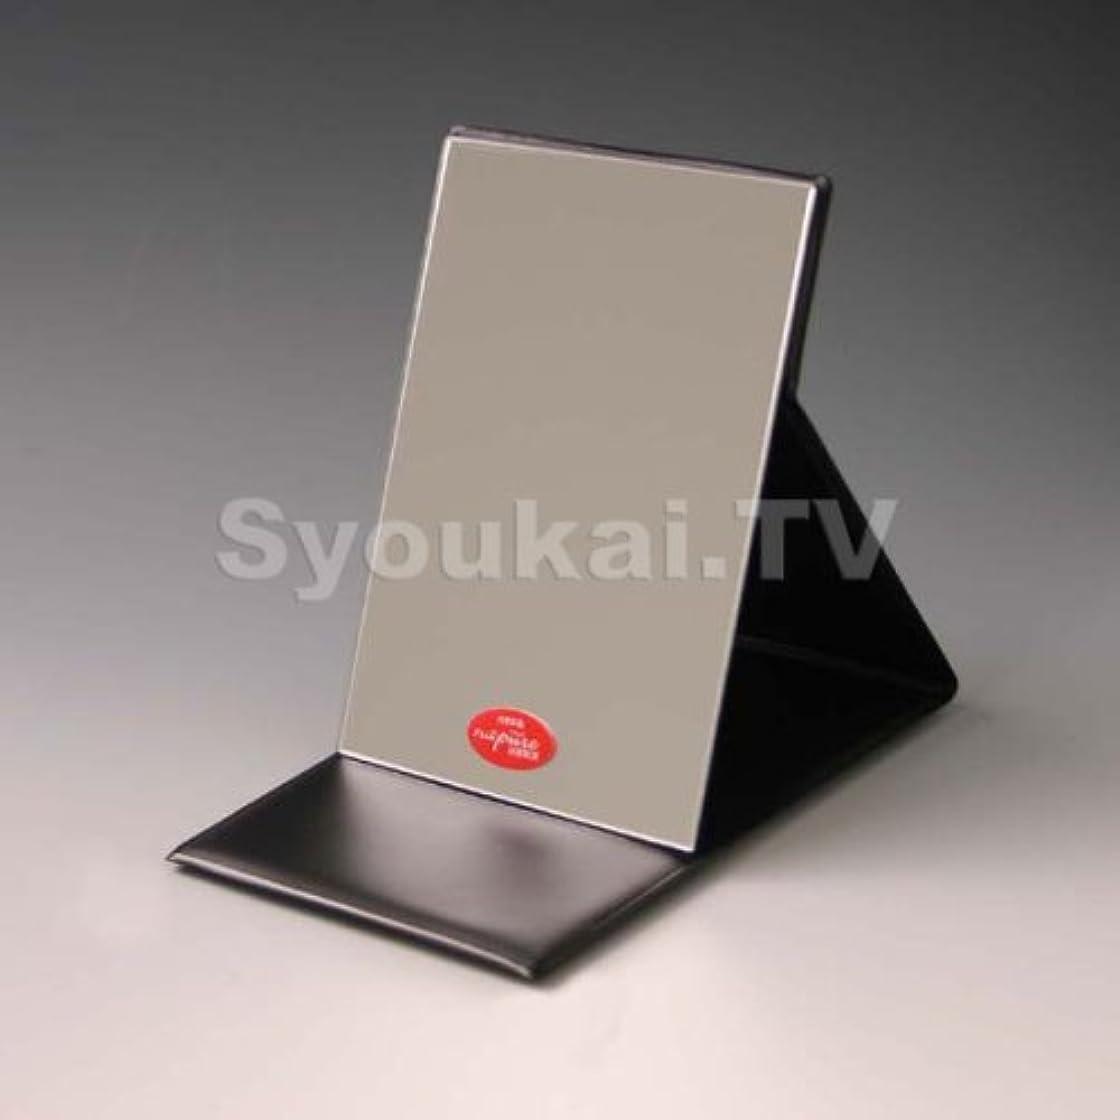 イベントチューブ次スタンドミラー 鏡 卓上ミラー メイク 拡大鏡 2倍付き 拡大ミラー 折立ミラー M HP-42 角型 ナピュアミラー プロモデル 堀内鏡工業